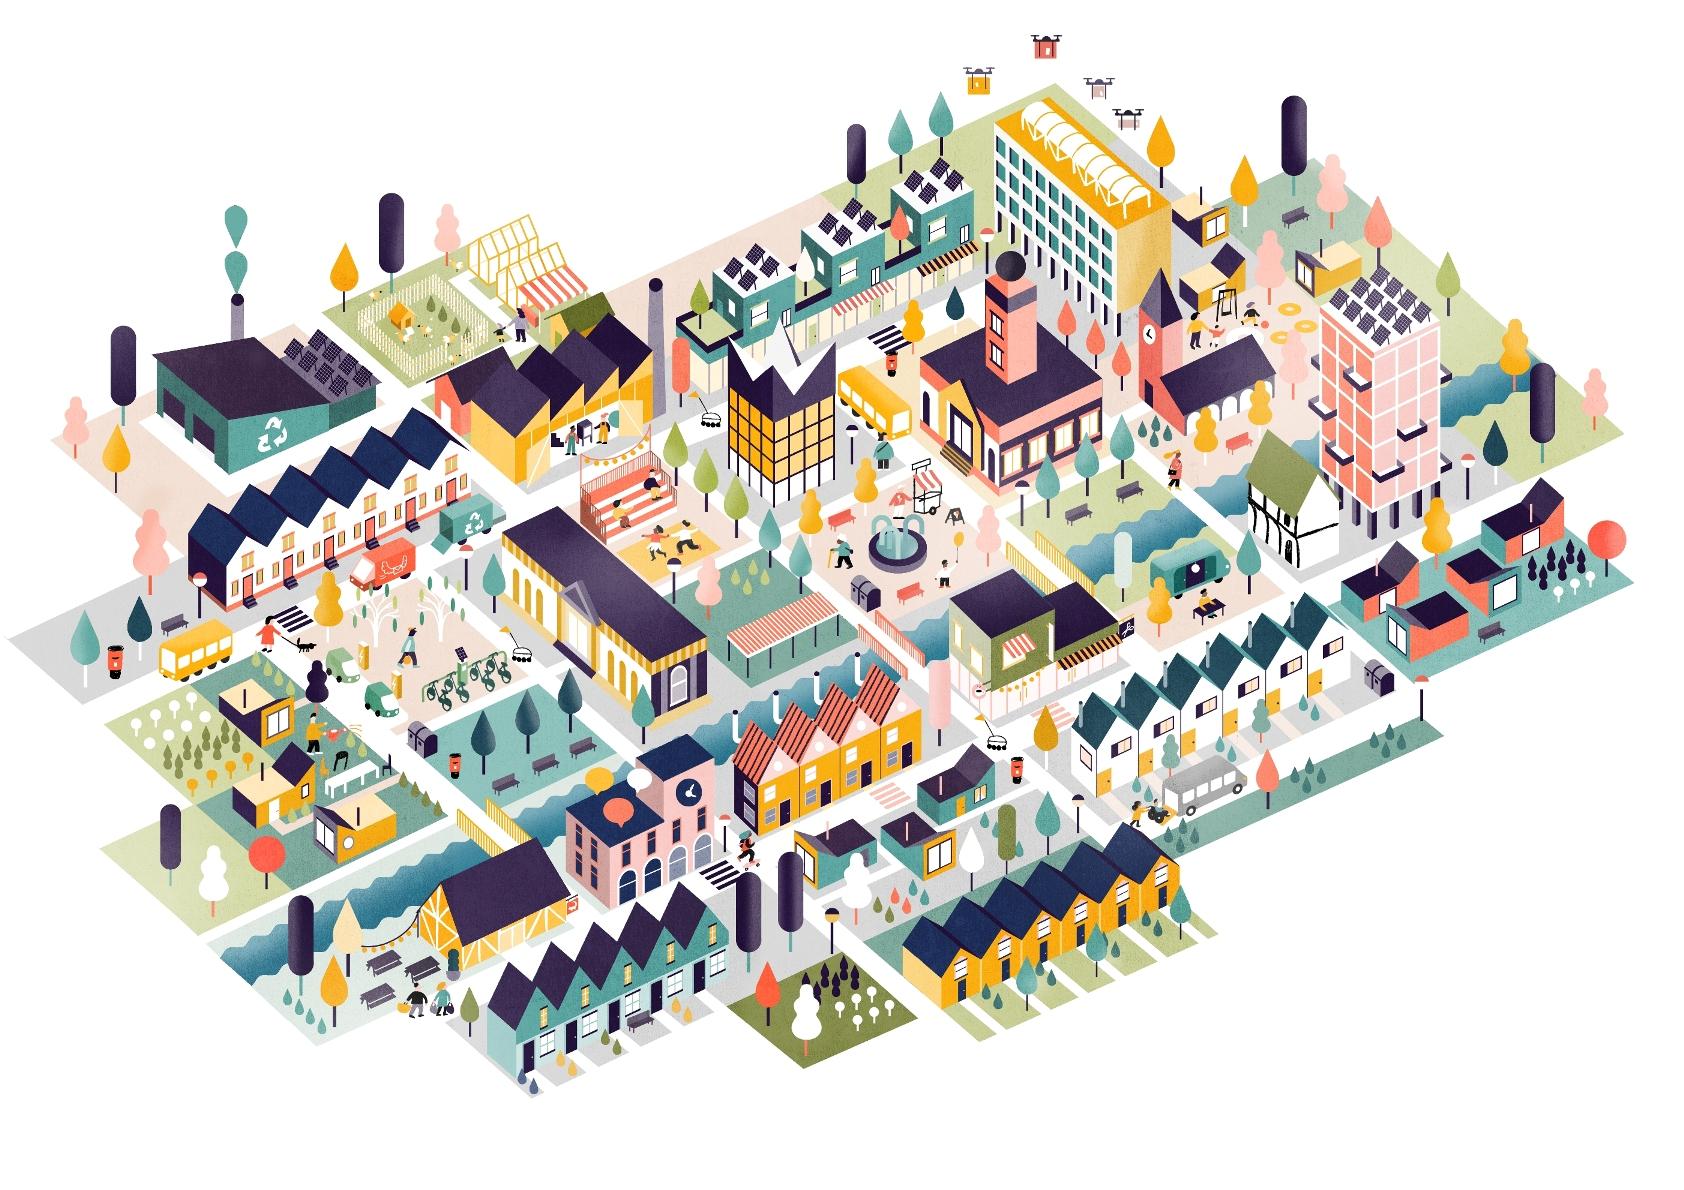 Δημόσια συζήτηση: Αυτo-οργάνωση και κοινωνική χρηματοδότηση της Συνεργατικής Πόλης